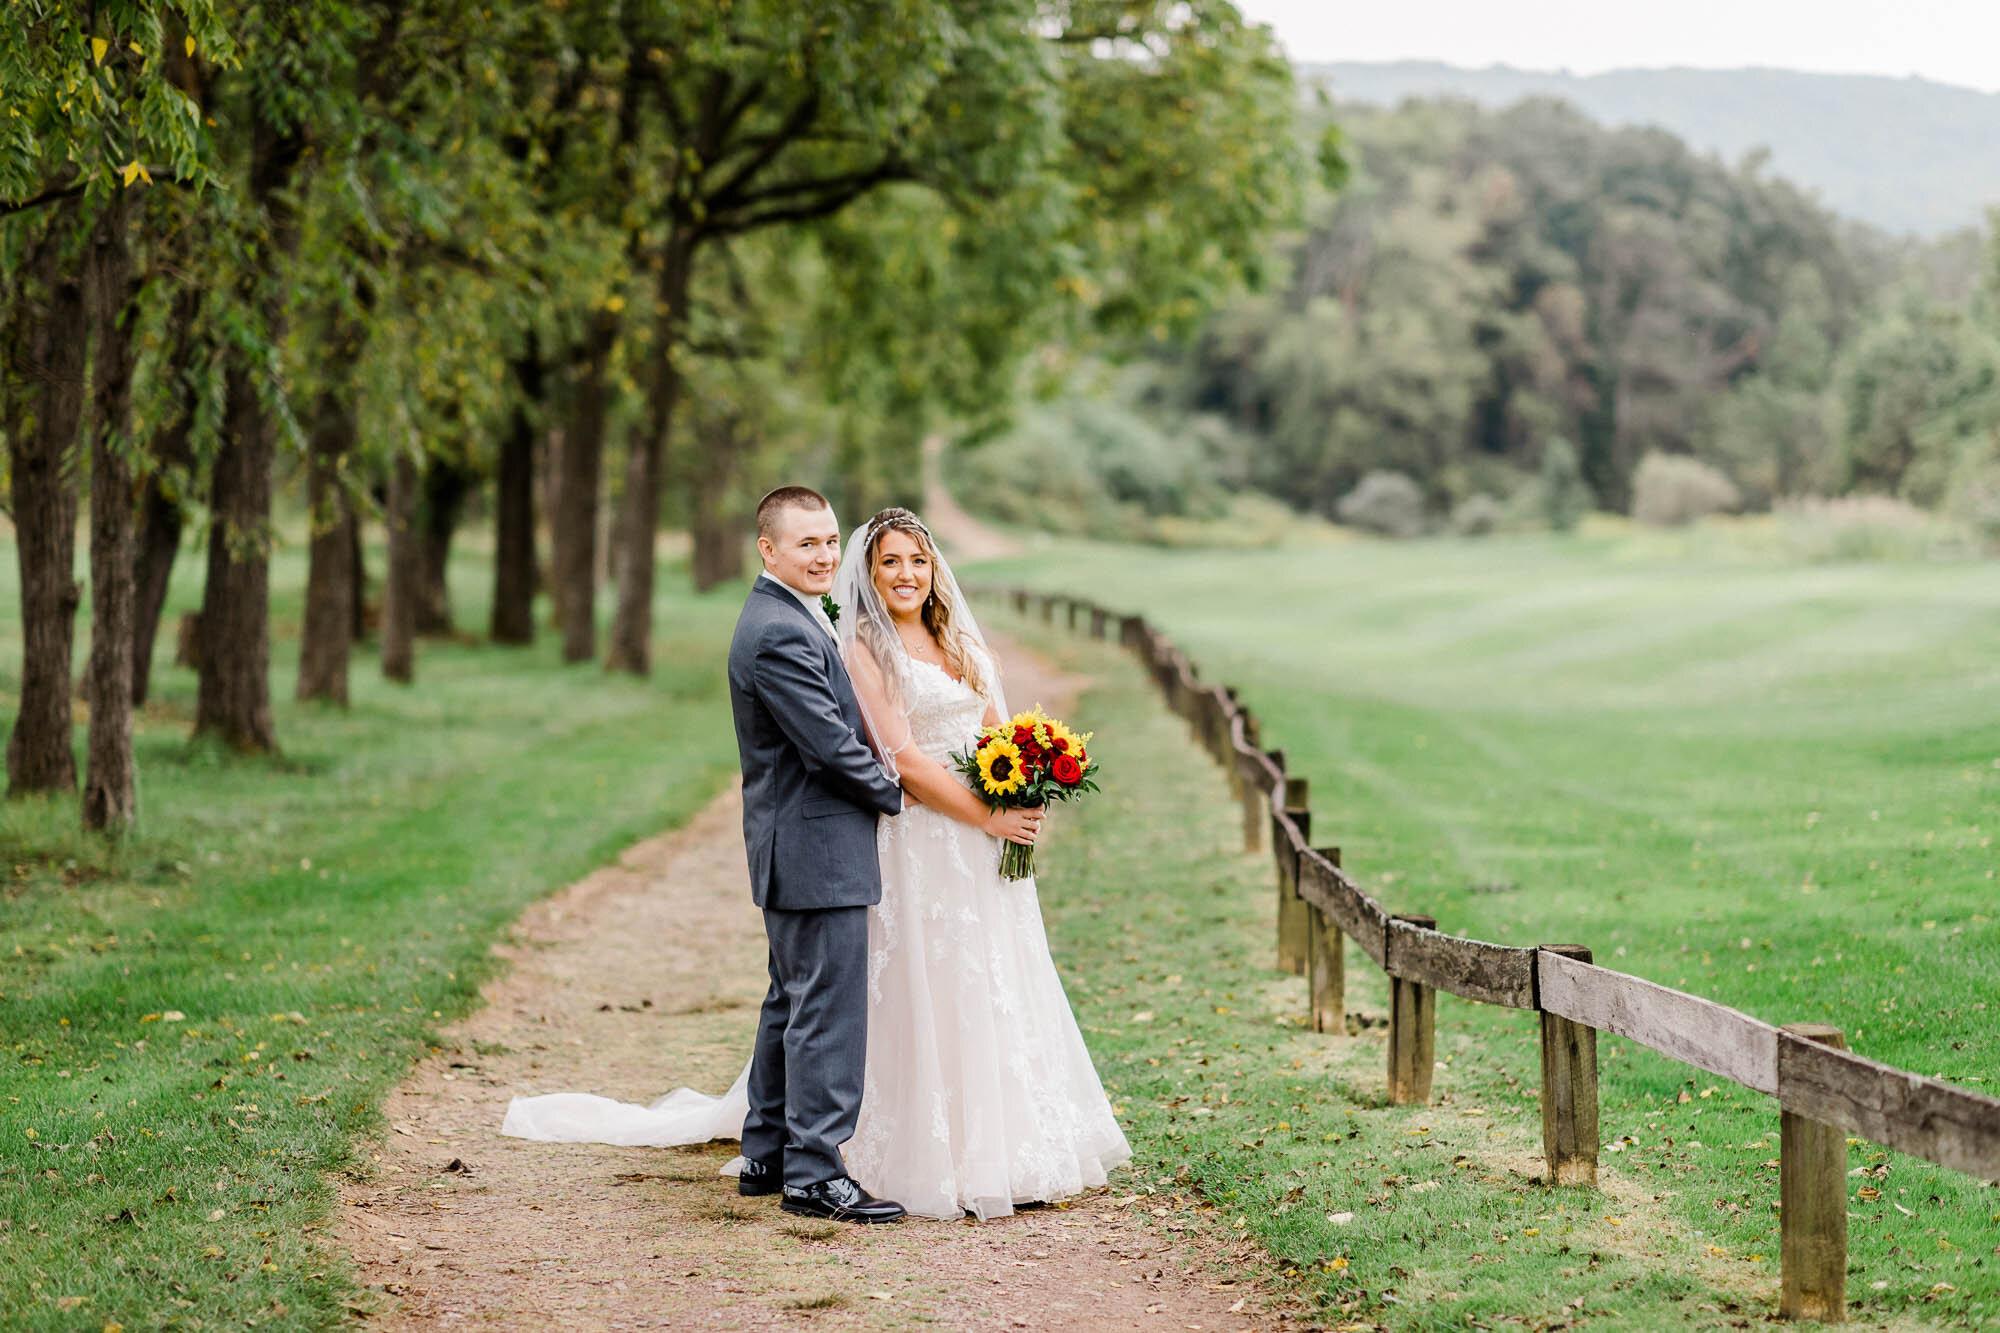 links-hemlock-creek-bloomsburg-wedding-6609.jpg